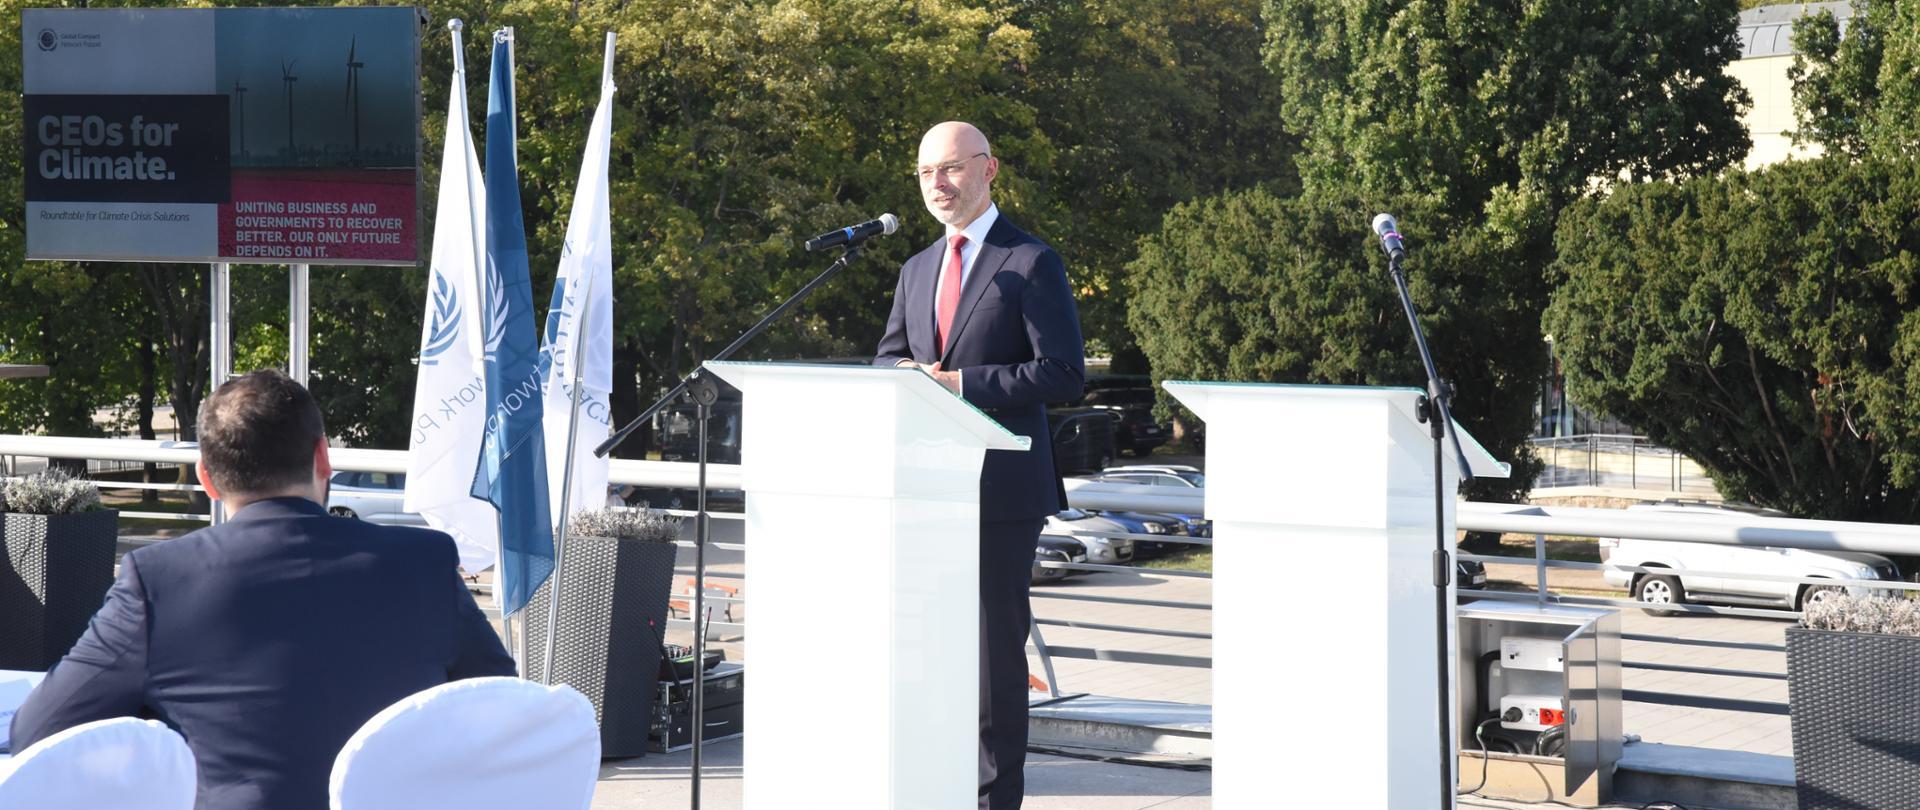 Minister Michał Kurtyka na pierwszym spotkaniu w ramach cyklu CEO for Climate